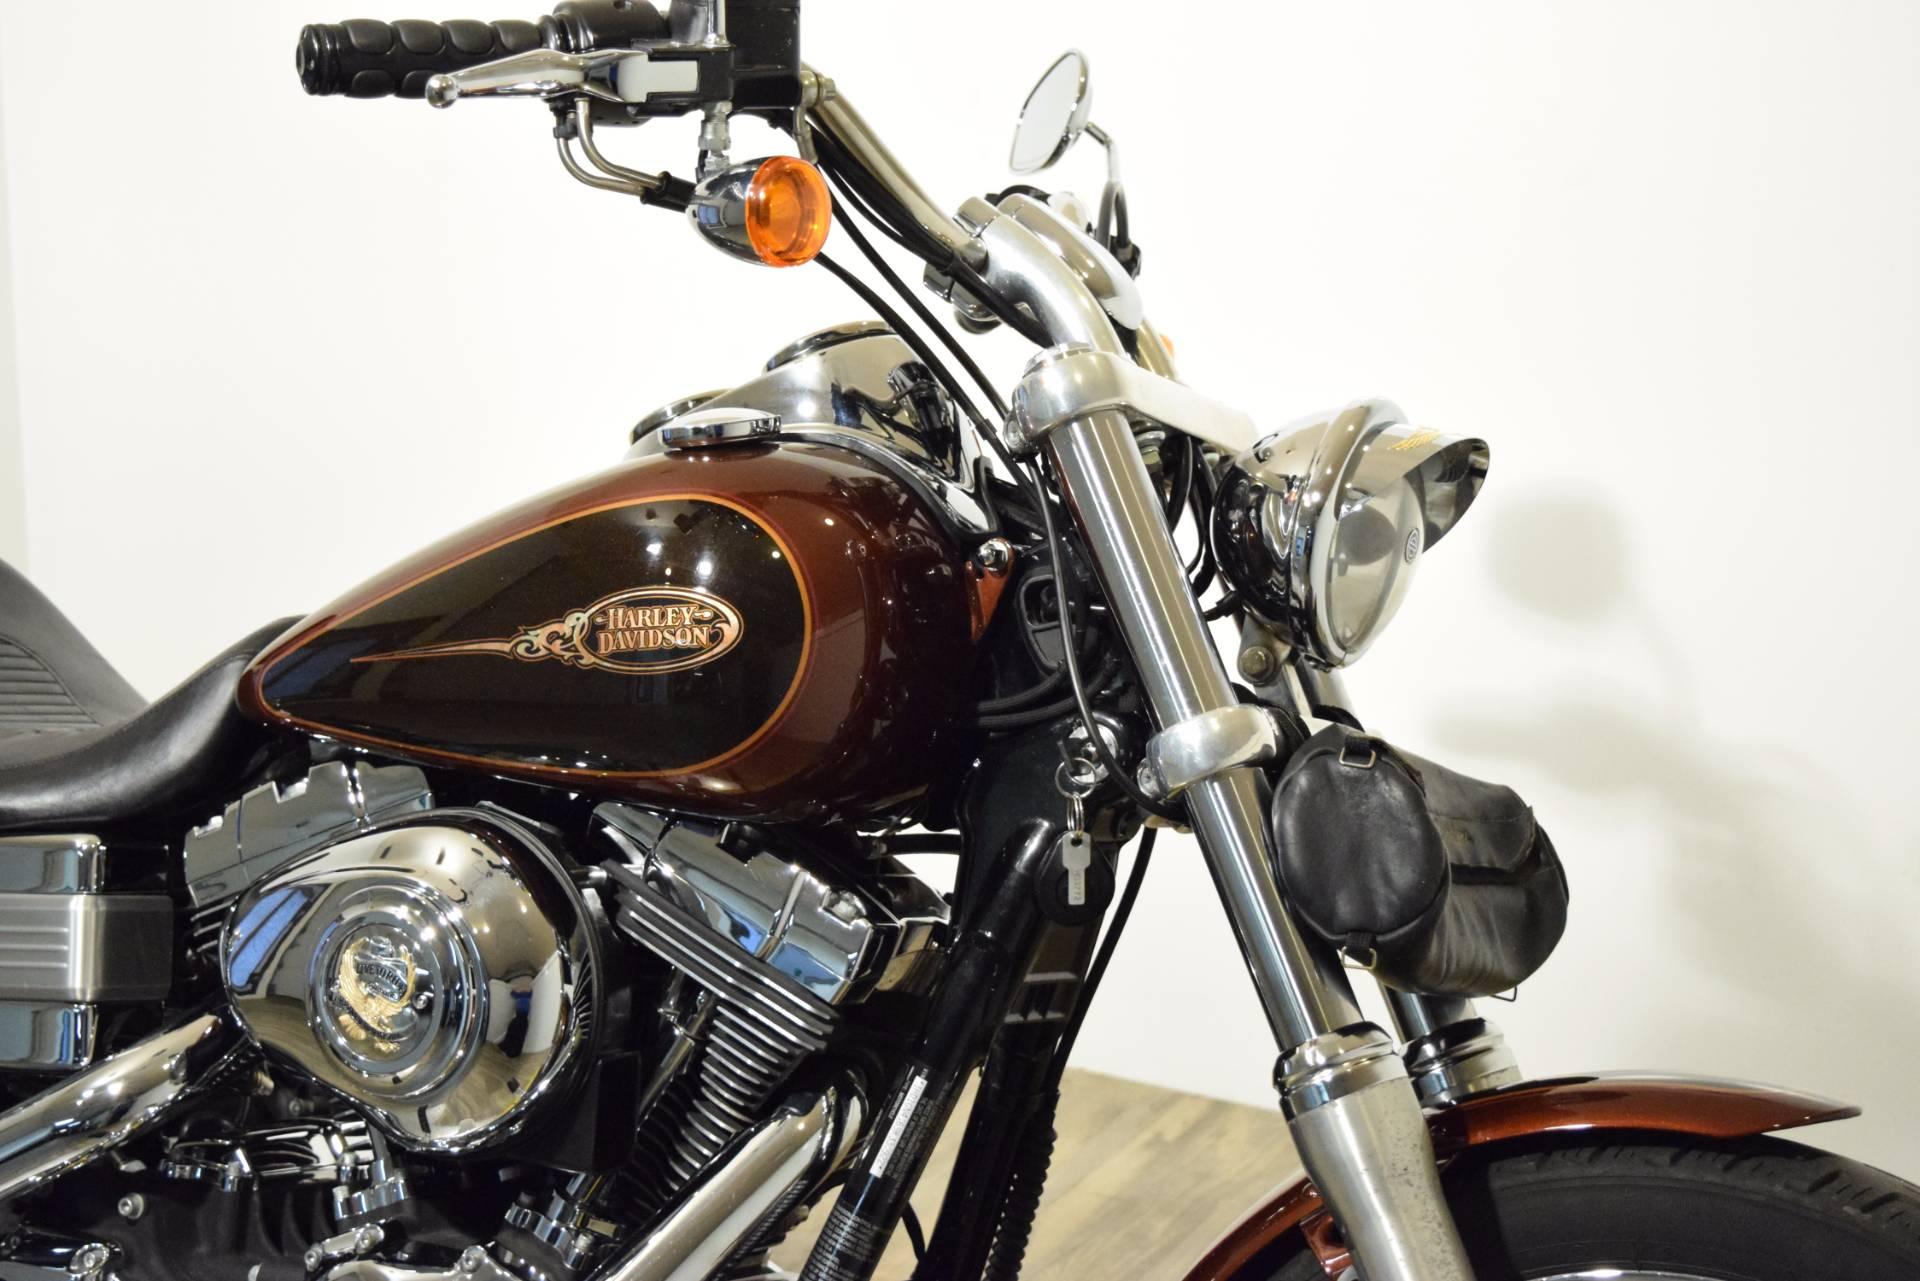 2009 Harley-Davidson Dyna Low Rider 3